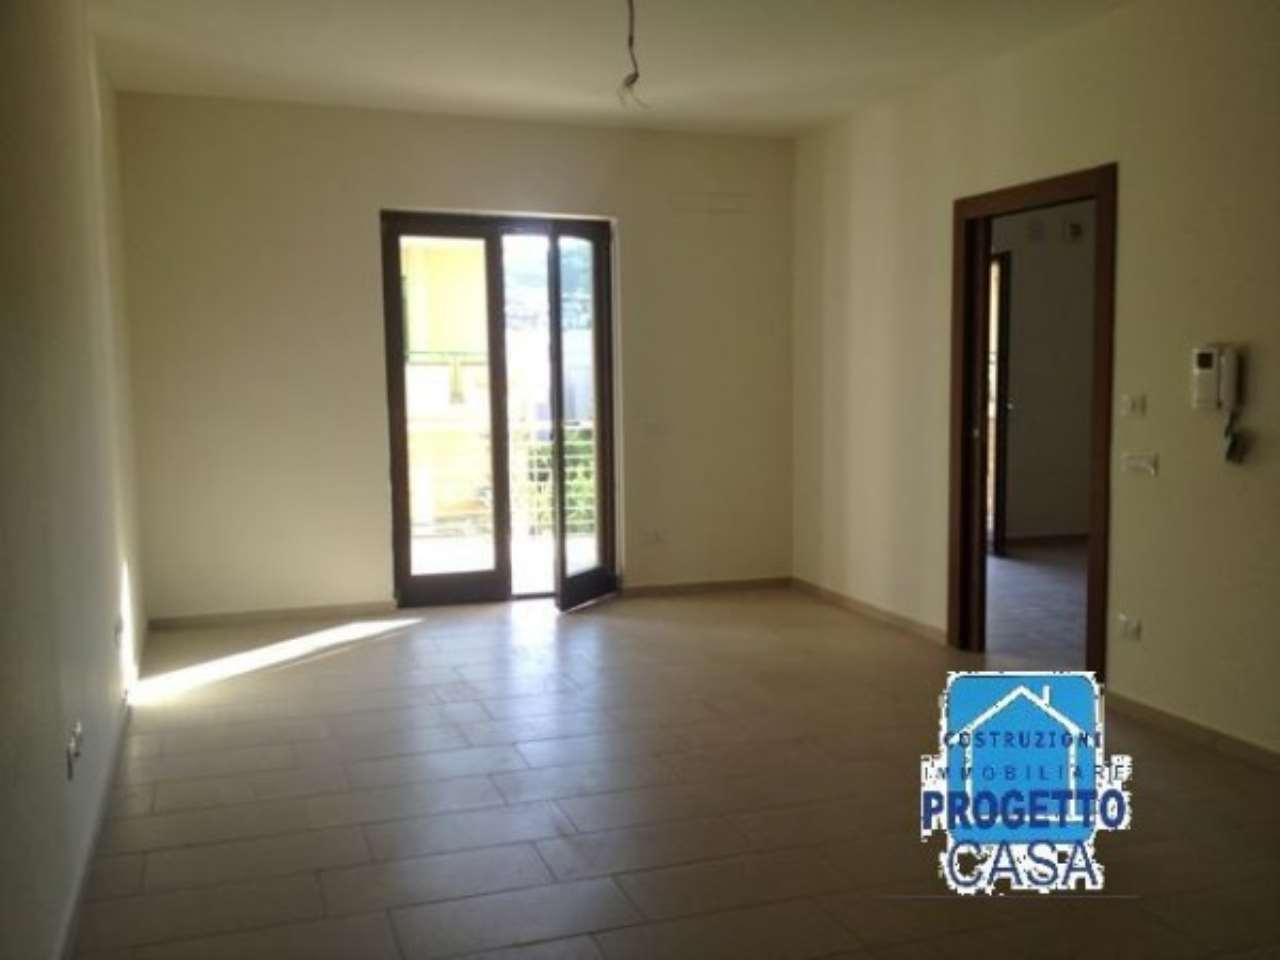 Appartamento in vendita Rif. 4997524